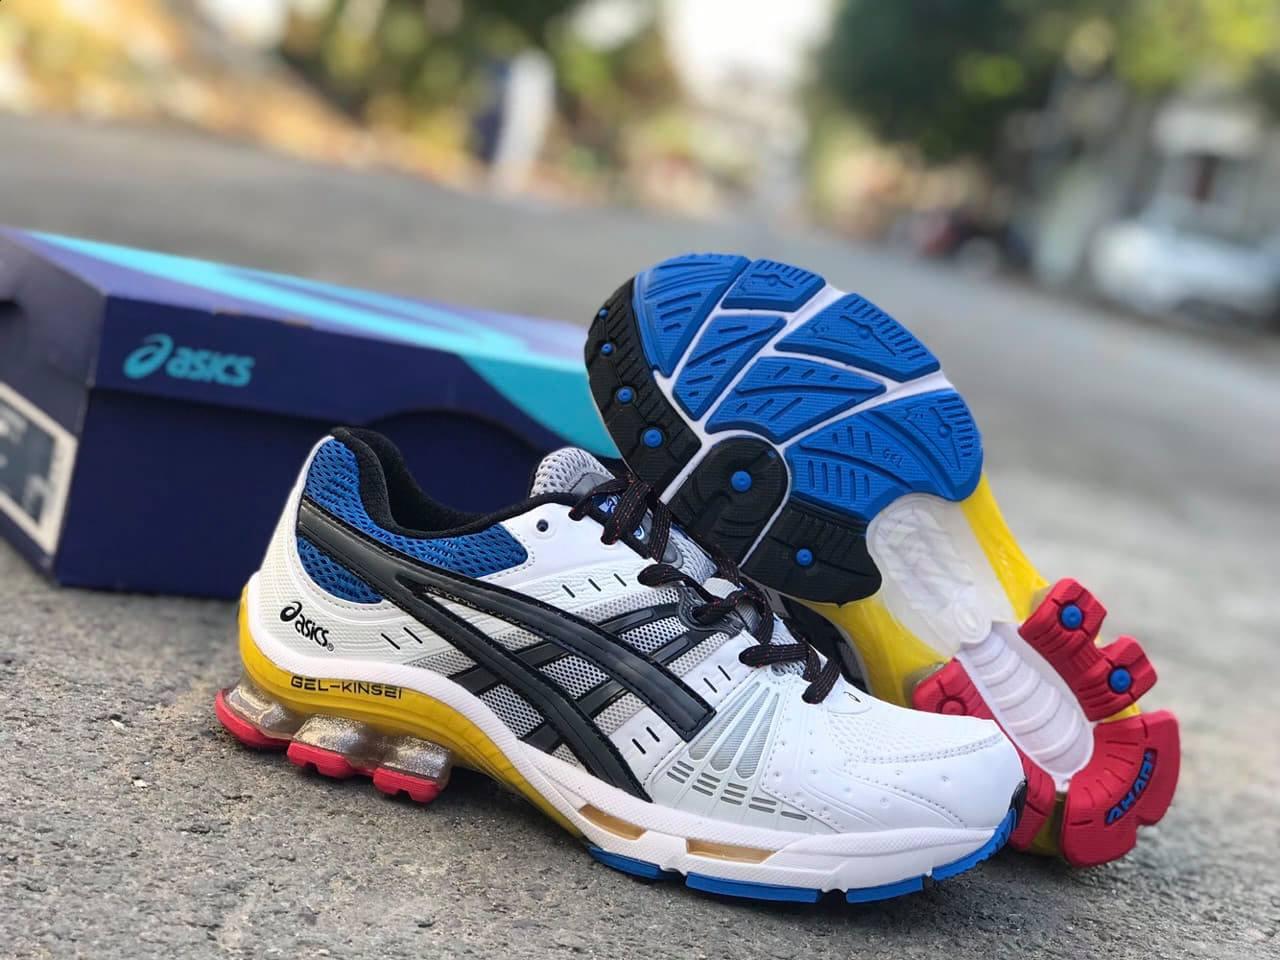 Giày ASICS là một dòng giày nổi tiếng của Nhật